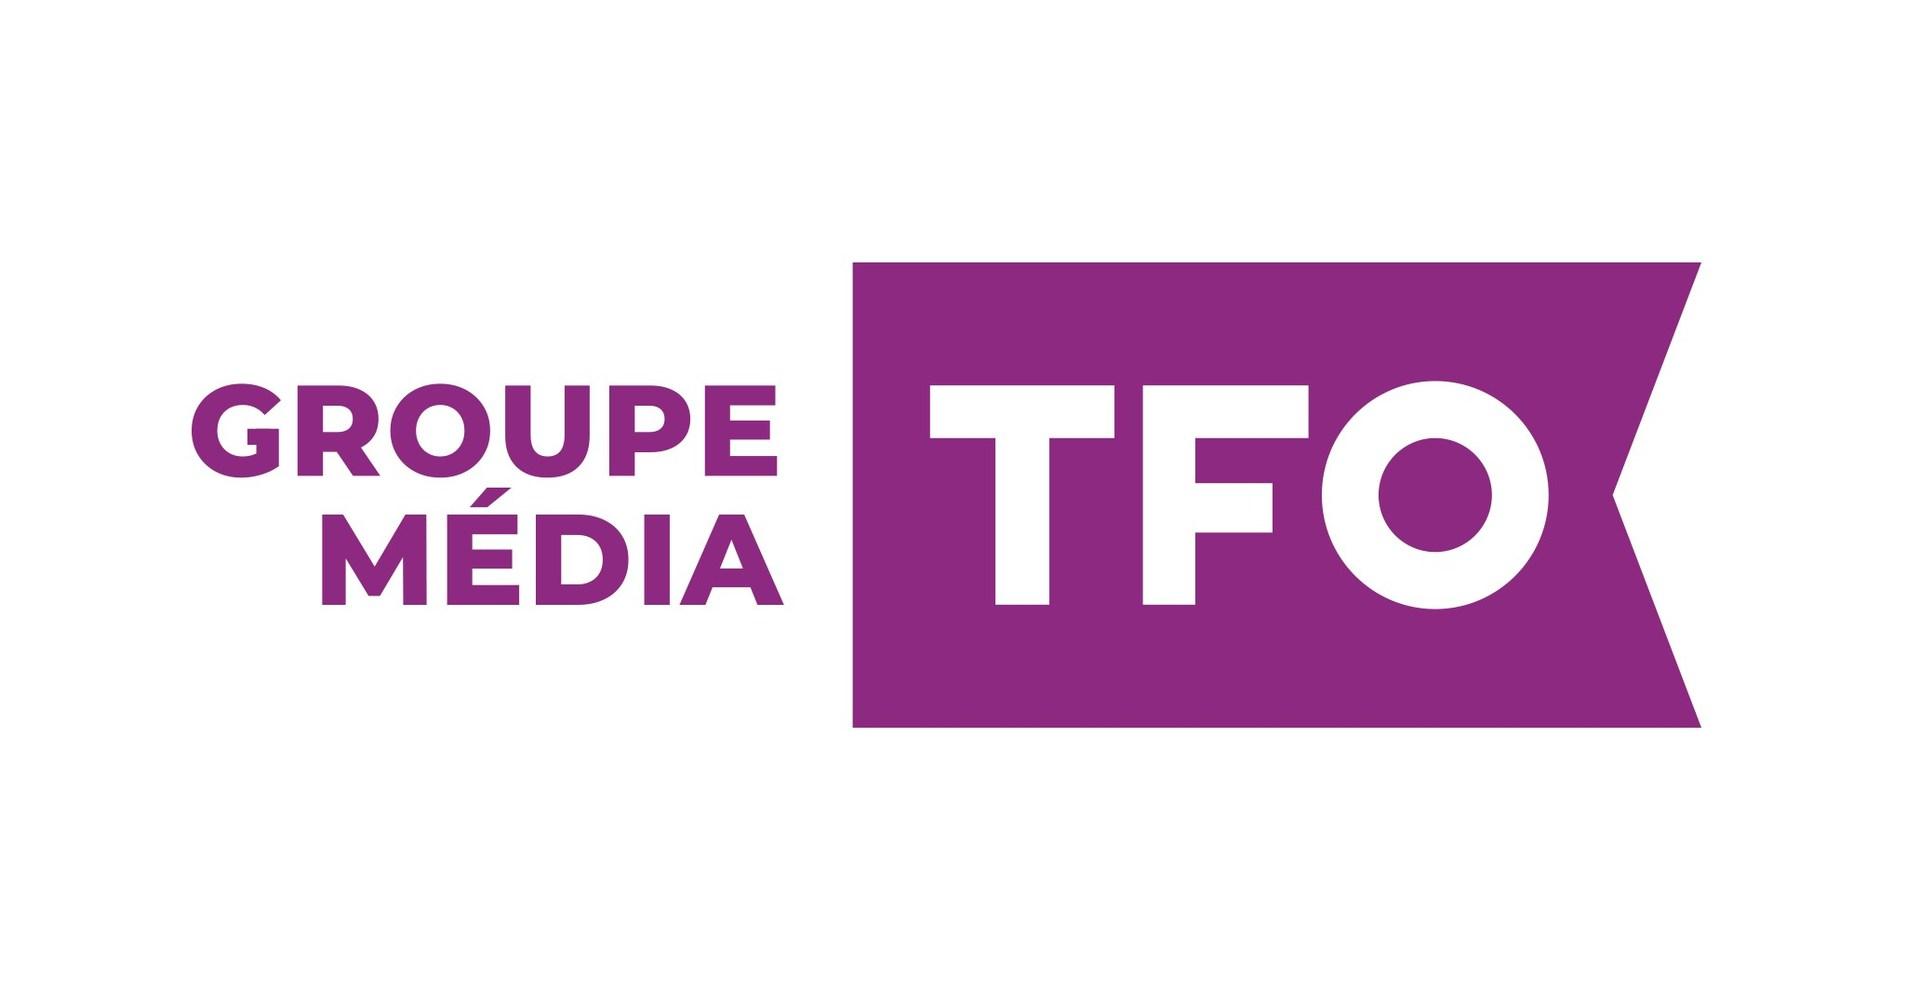 /CNW/ - Groupe Média TFO lance aujourd'hui le programme Prêt pour demain pour offrir de nouvelles opportunités aux jeunes Canadiens en leur ouvrant la voie aux...